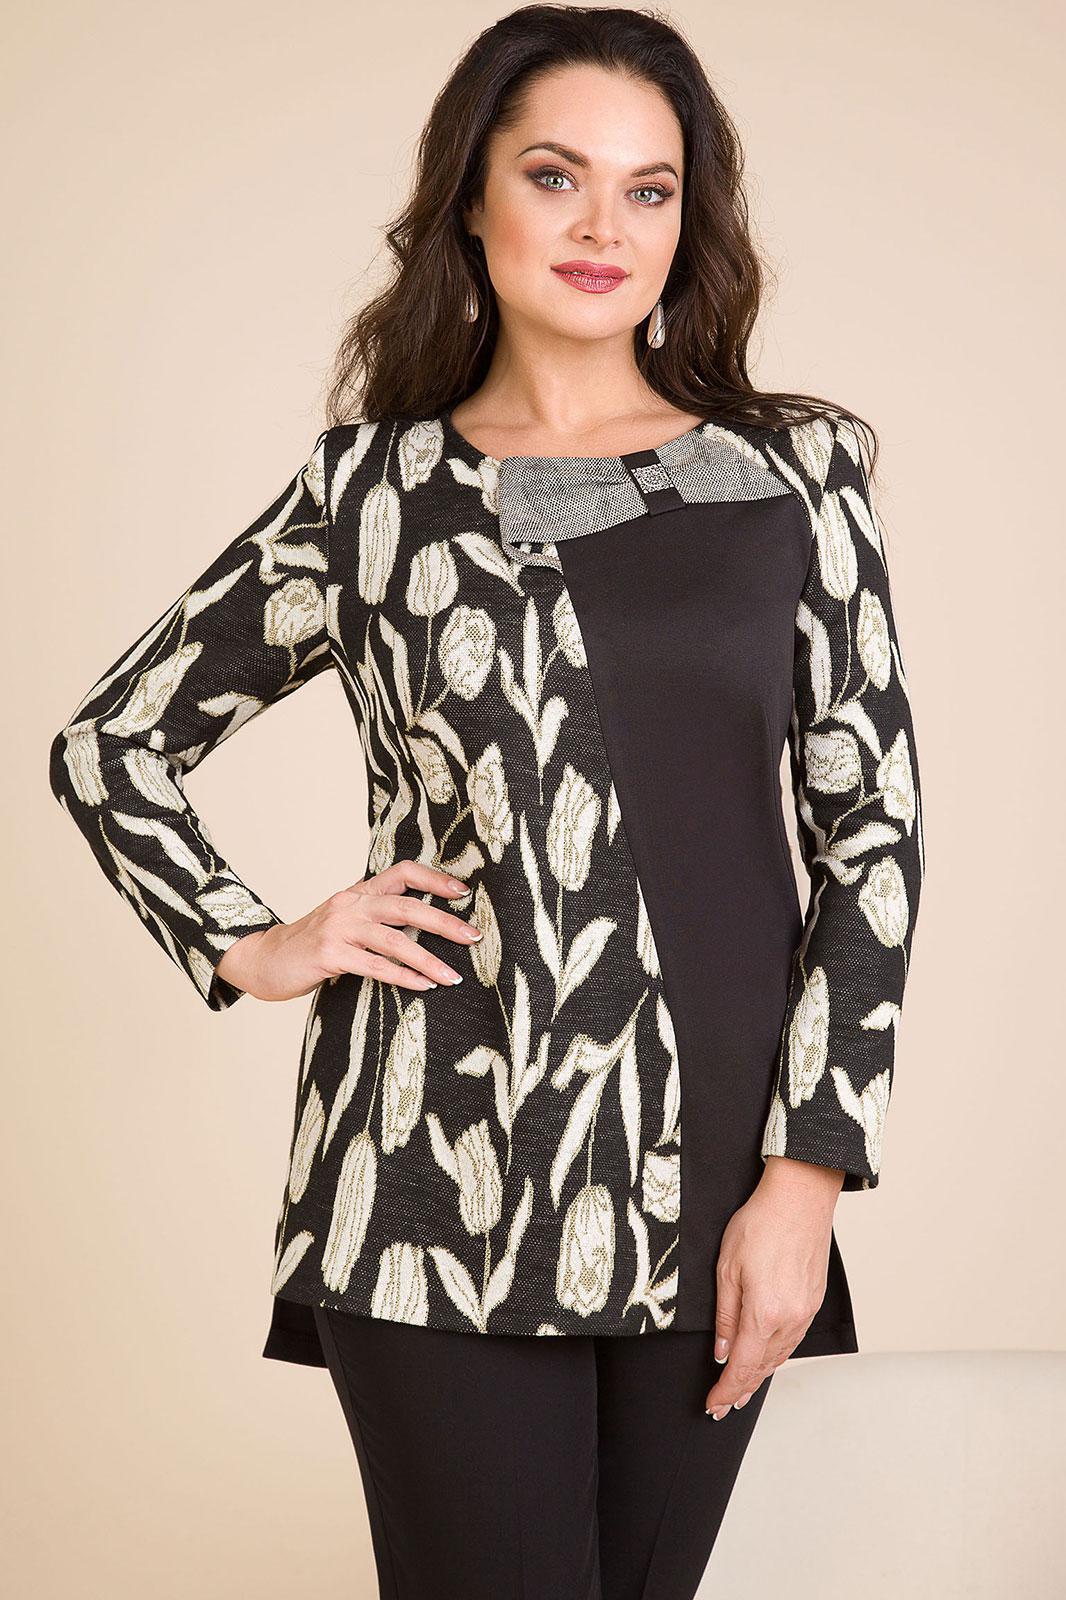 Купить недорогие женские блузки оптом